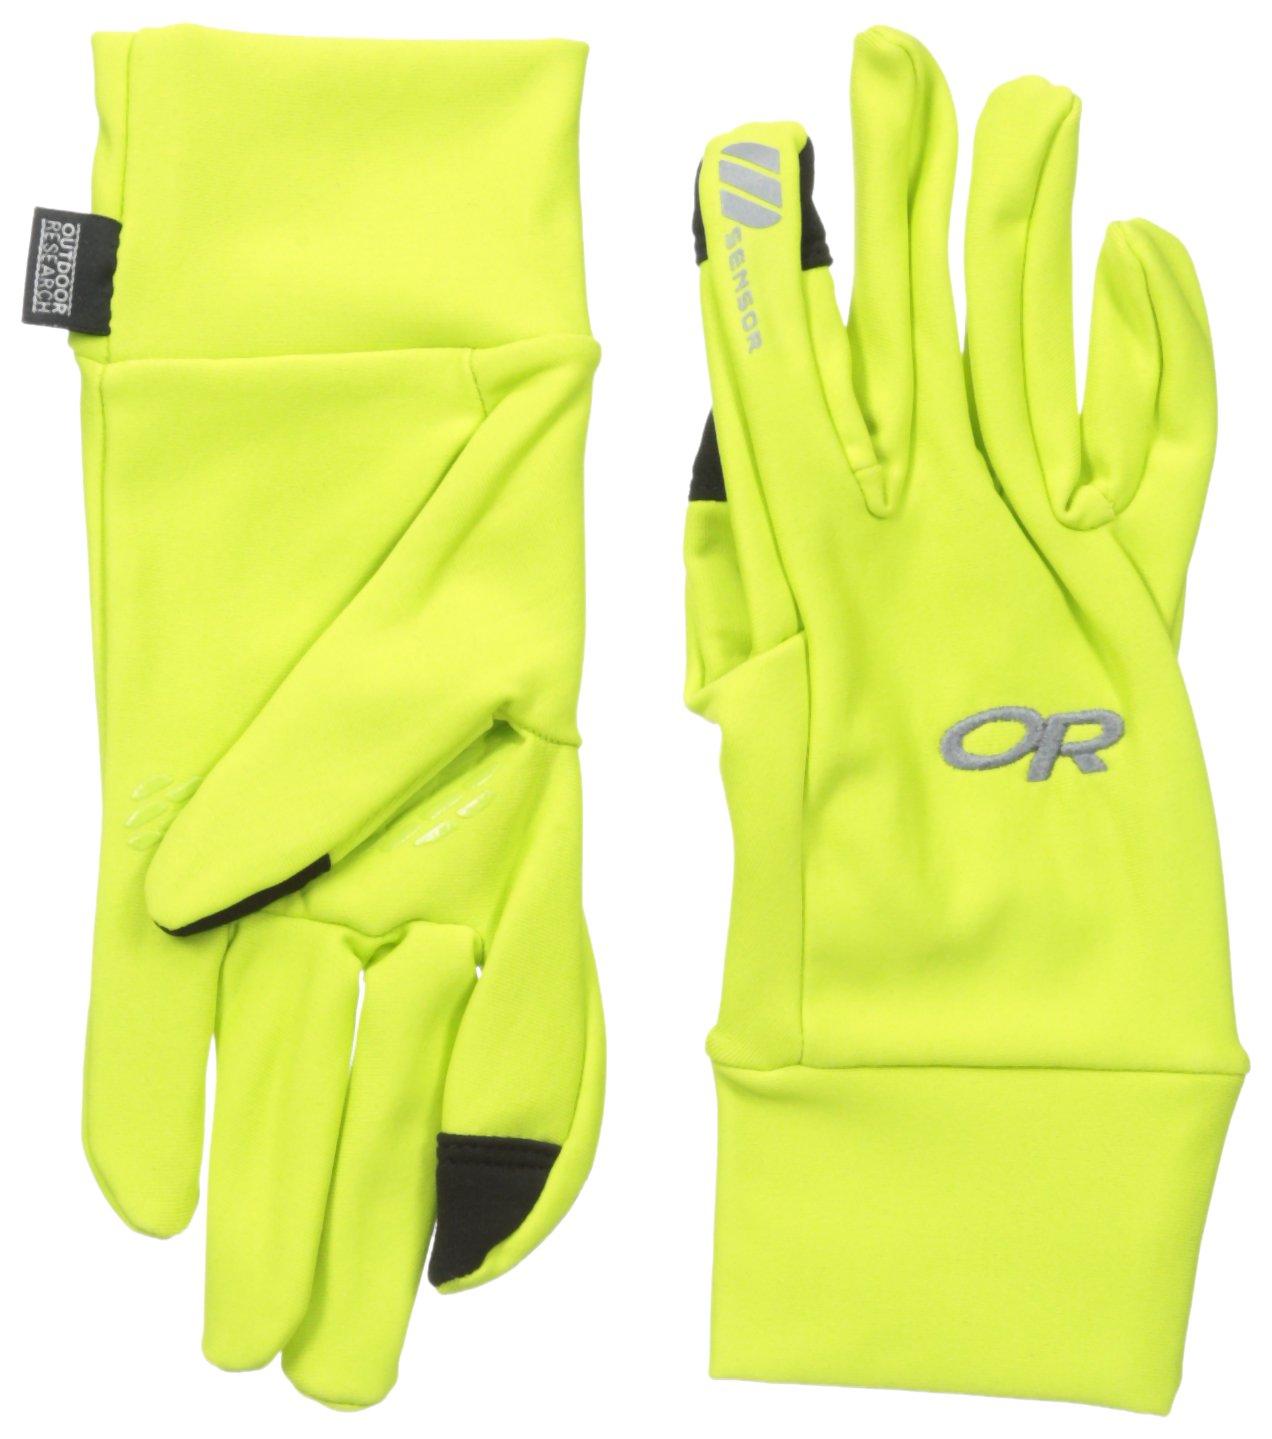 Outdoor Research Men's PL Base Sensor Gloves 2432120014007